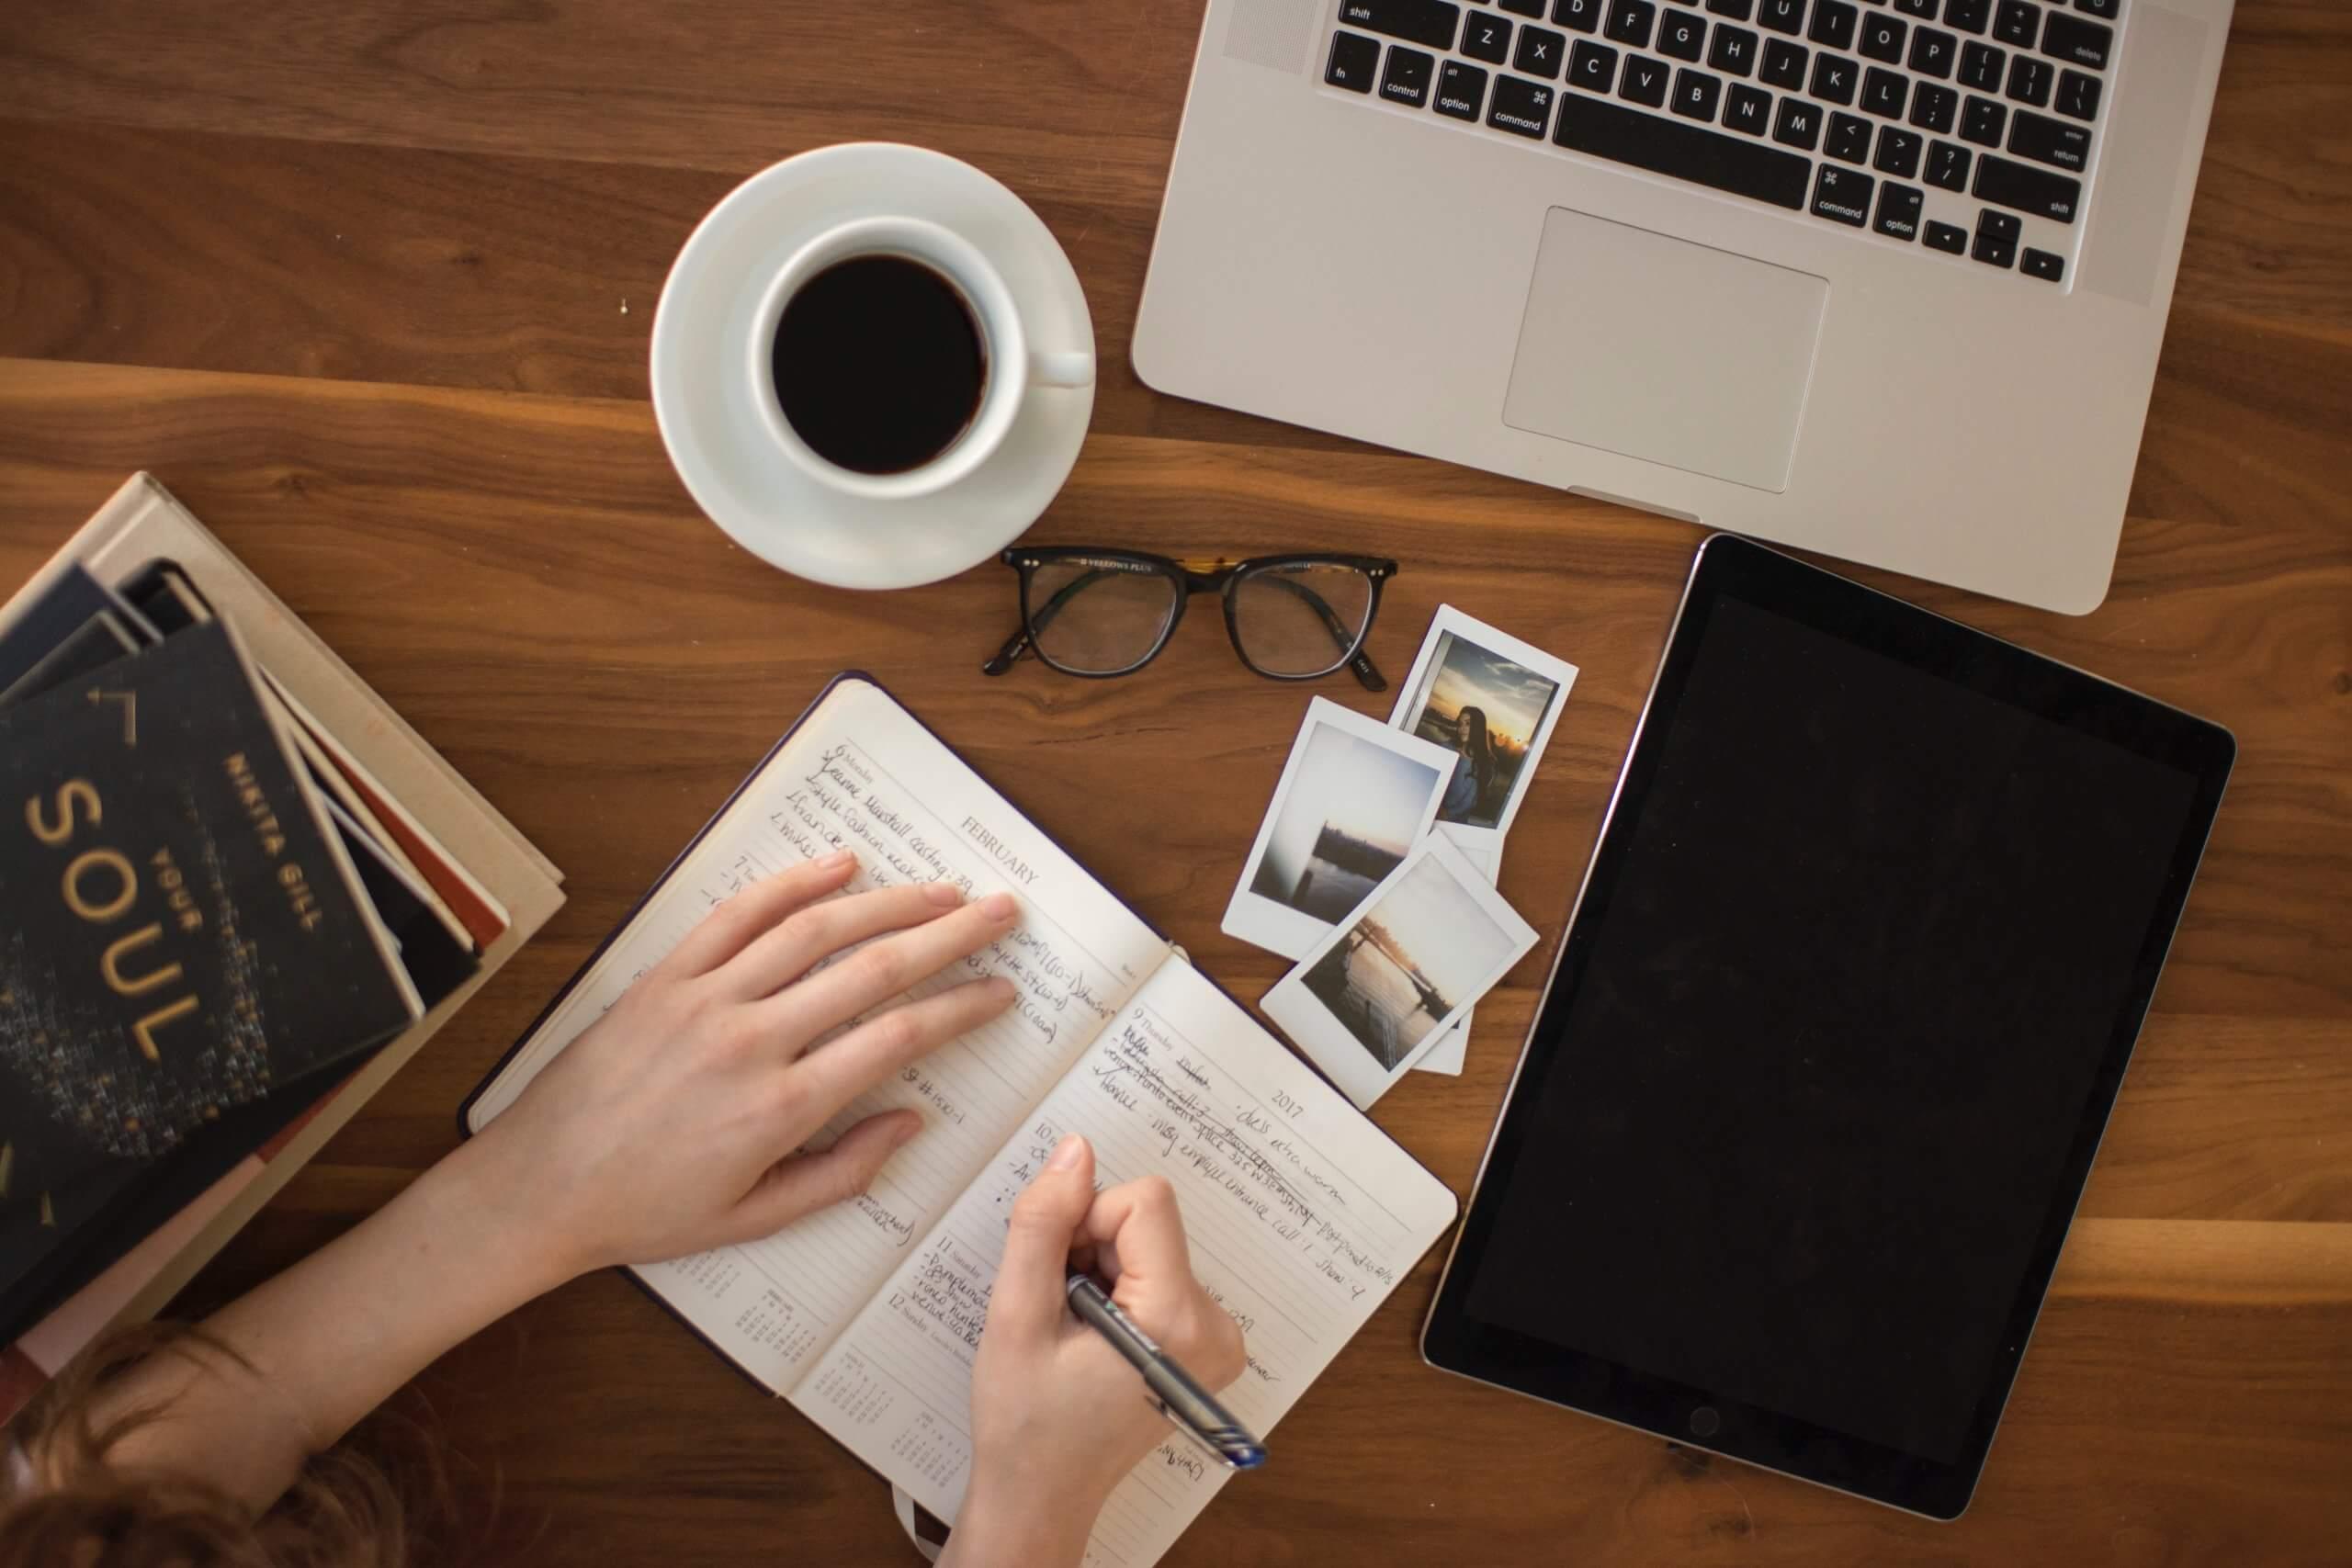 Стани автор на статии в Практическите съвети за бизнеса